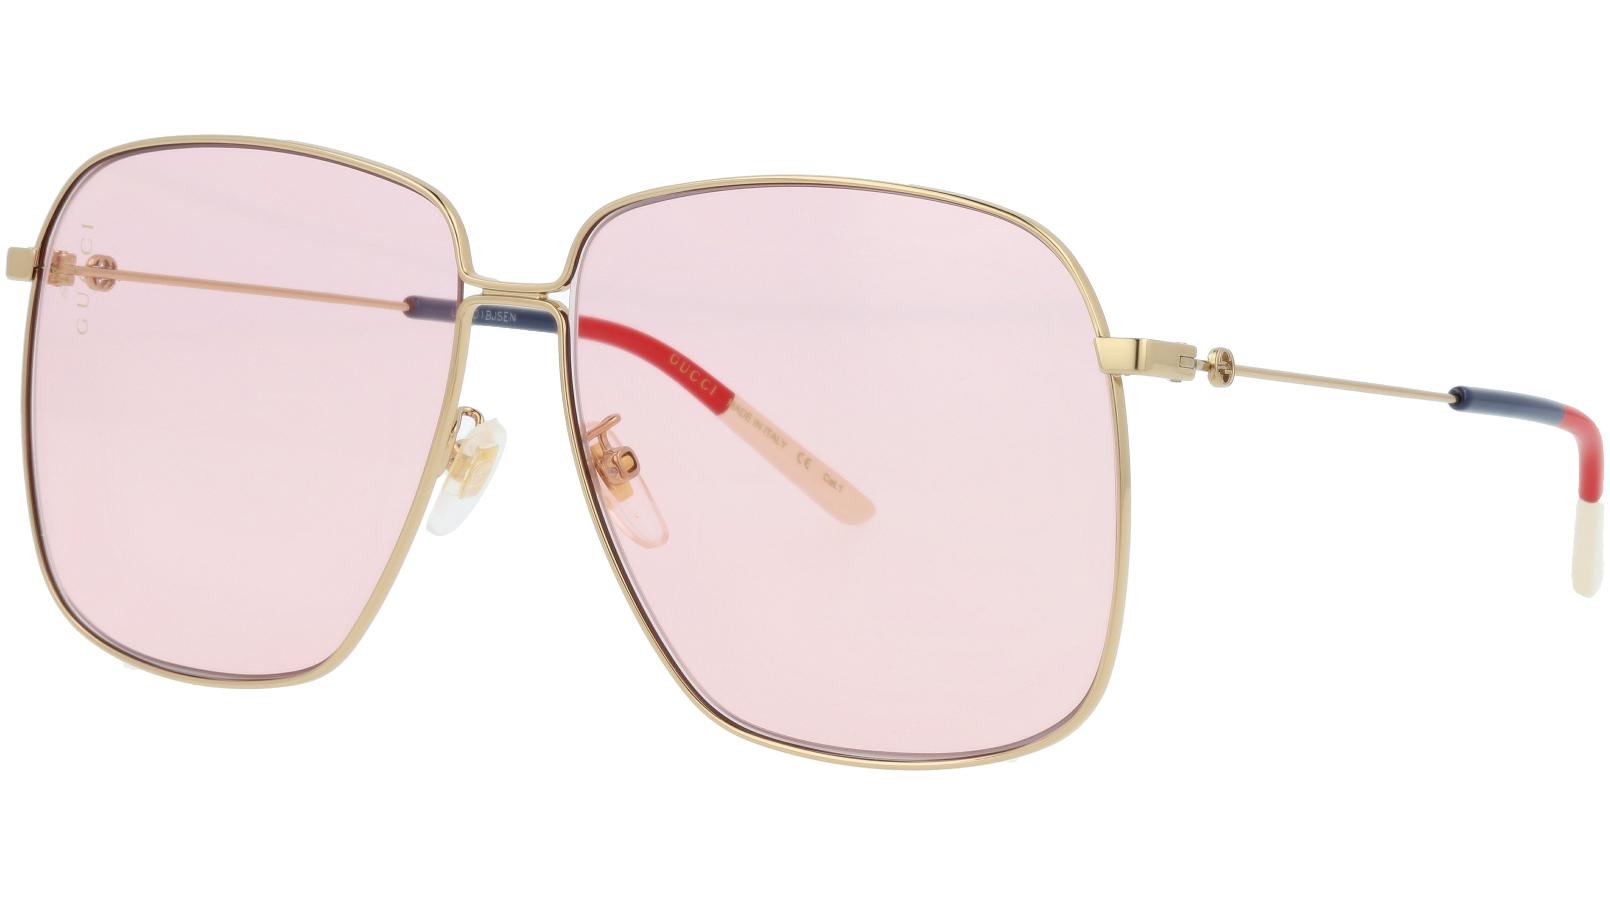 GUCCI GG0394S 006 61 GOLD Sunglasses